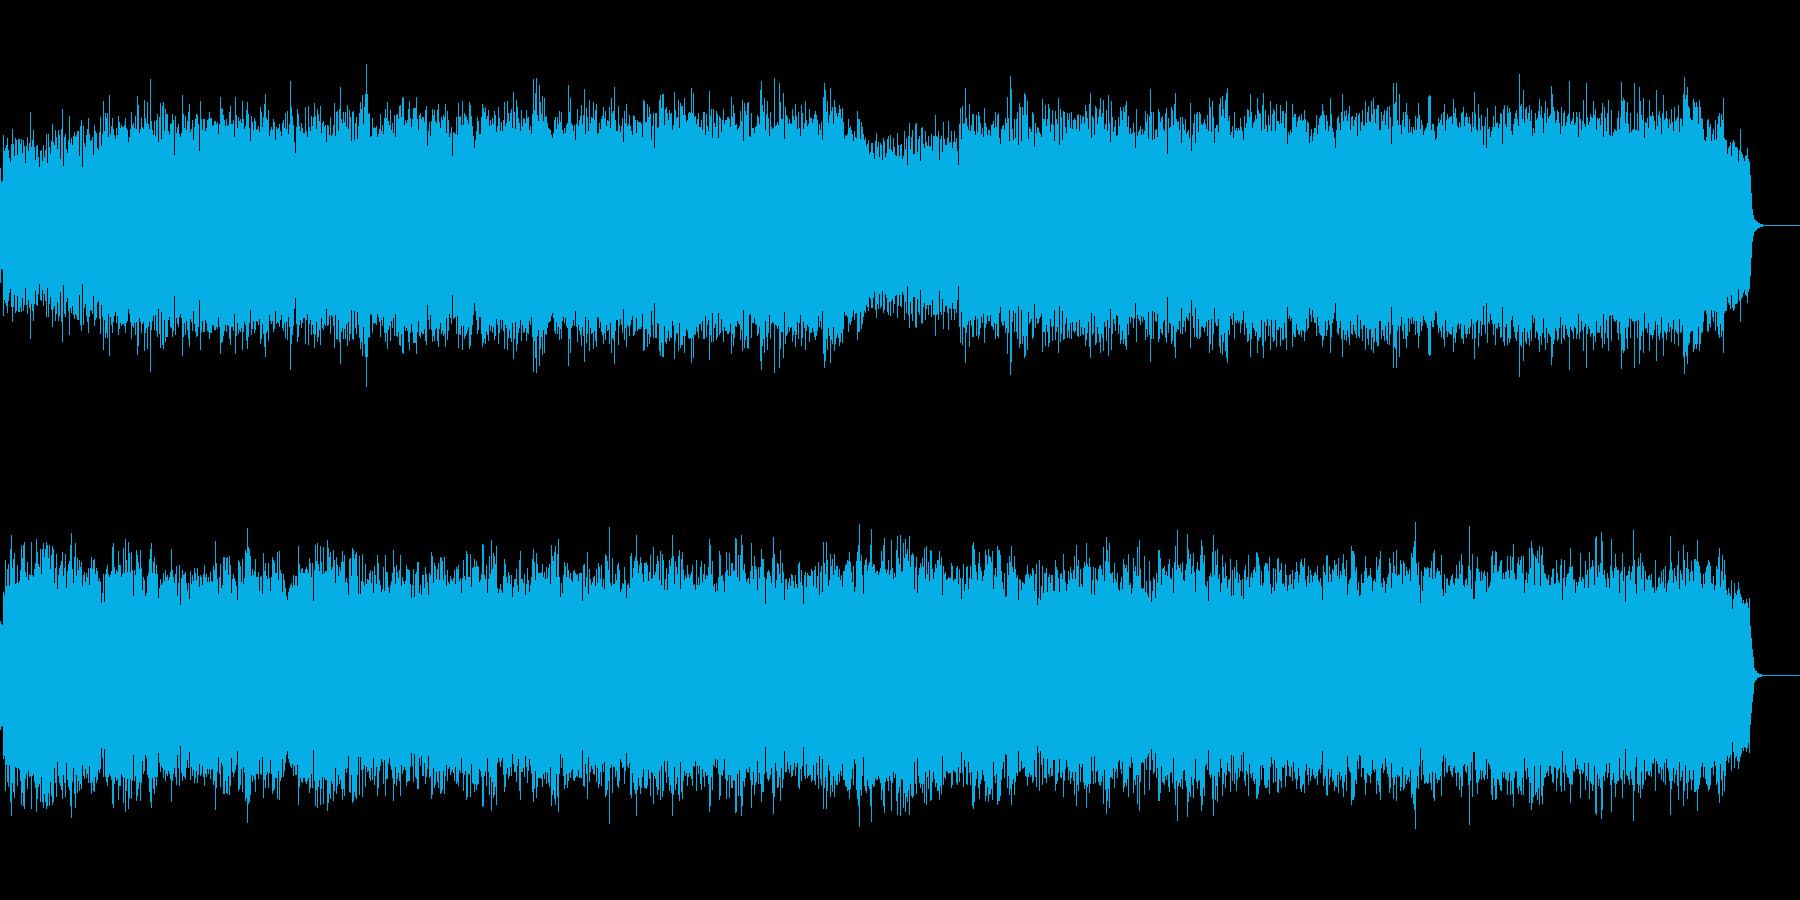 和風オーケストラのバトル/戦闘BGMの再生済みの波形